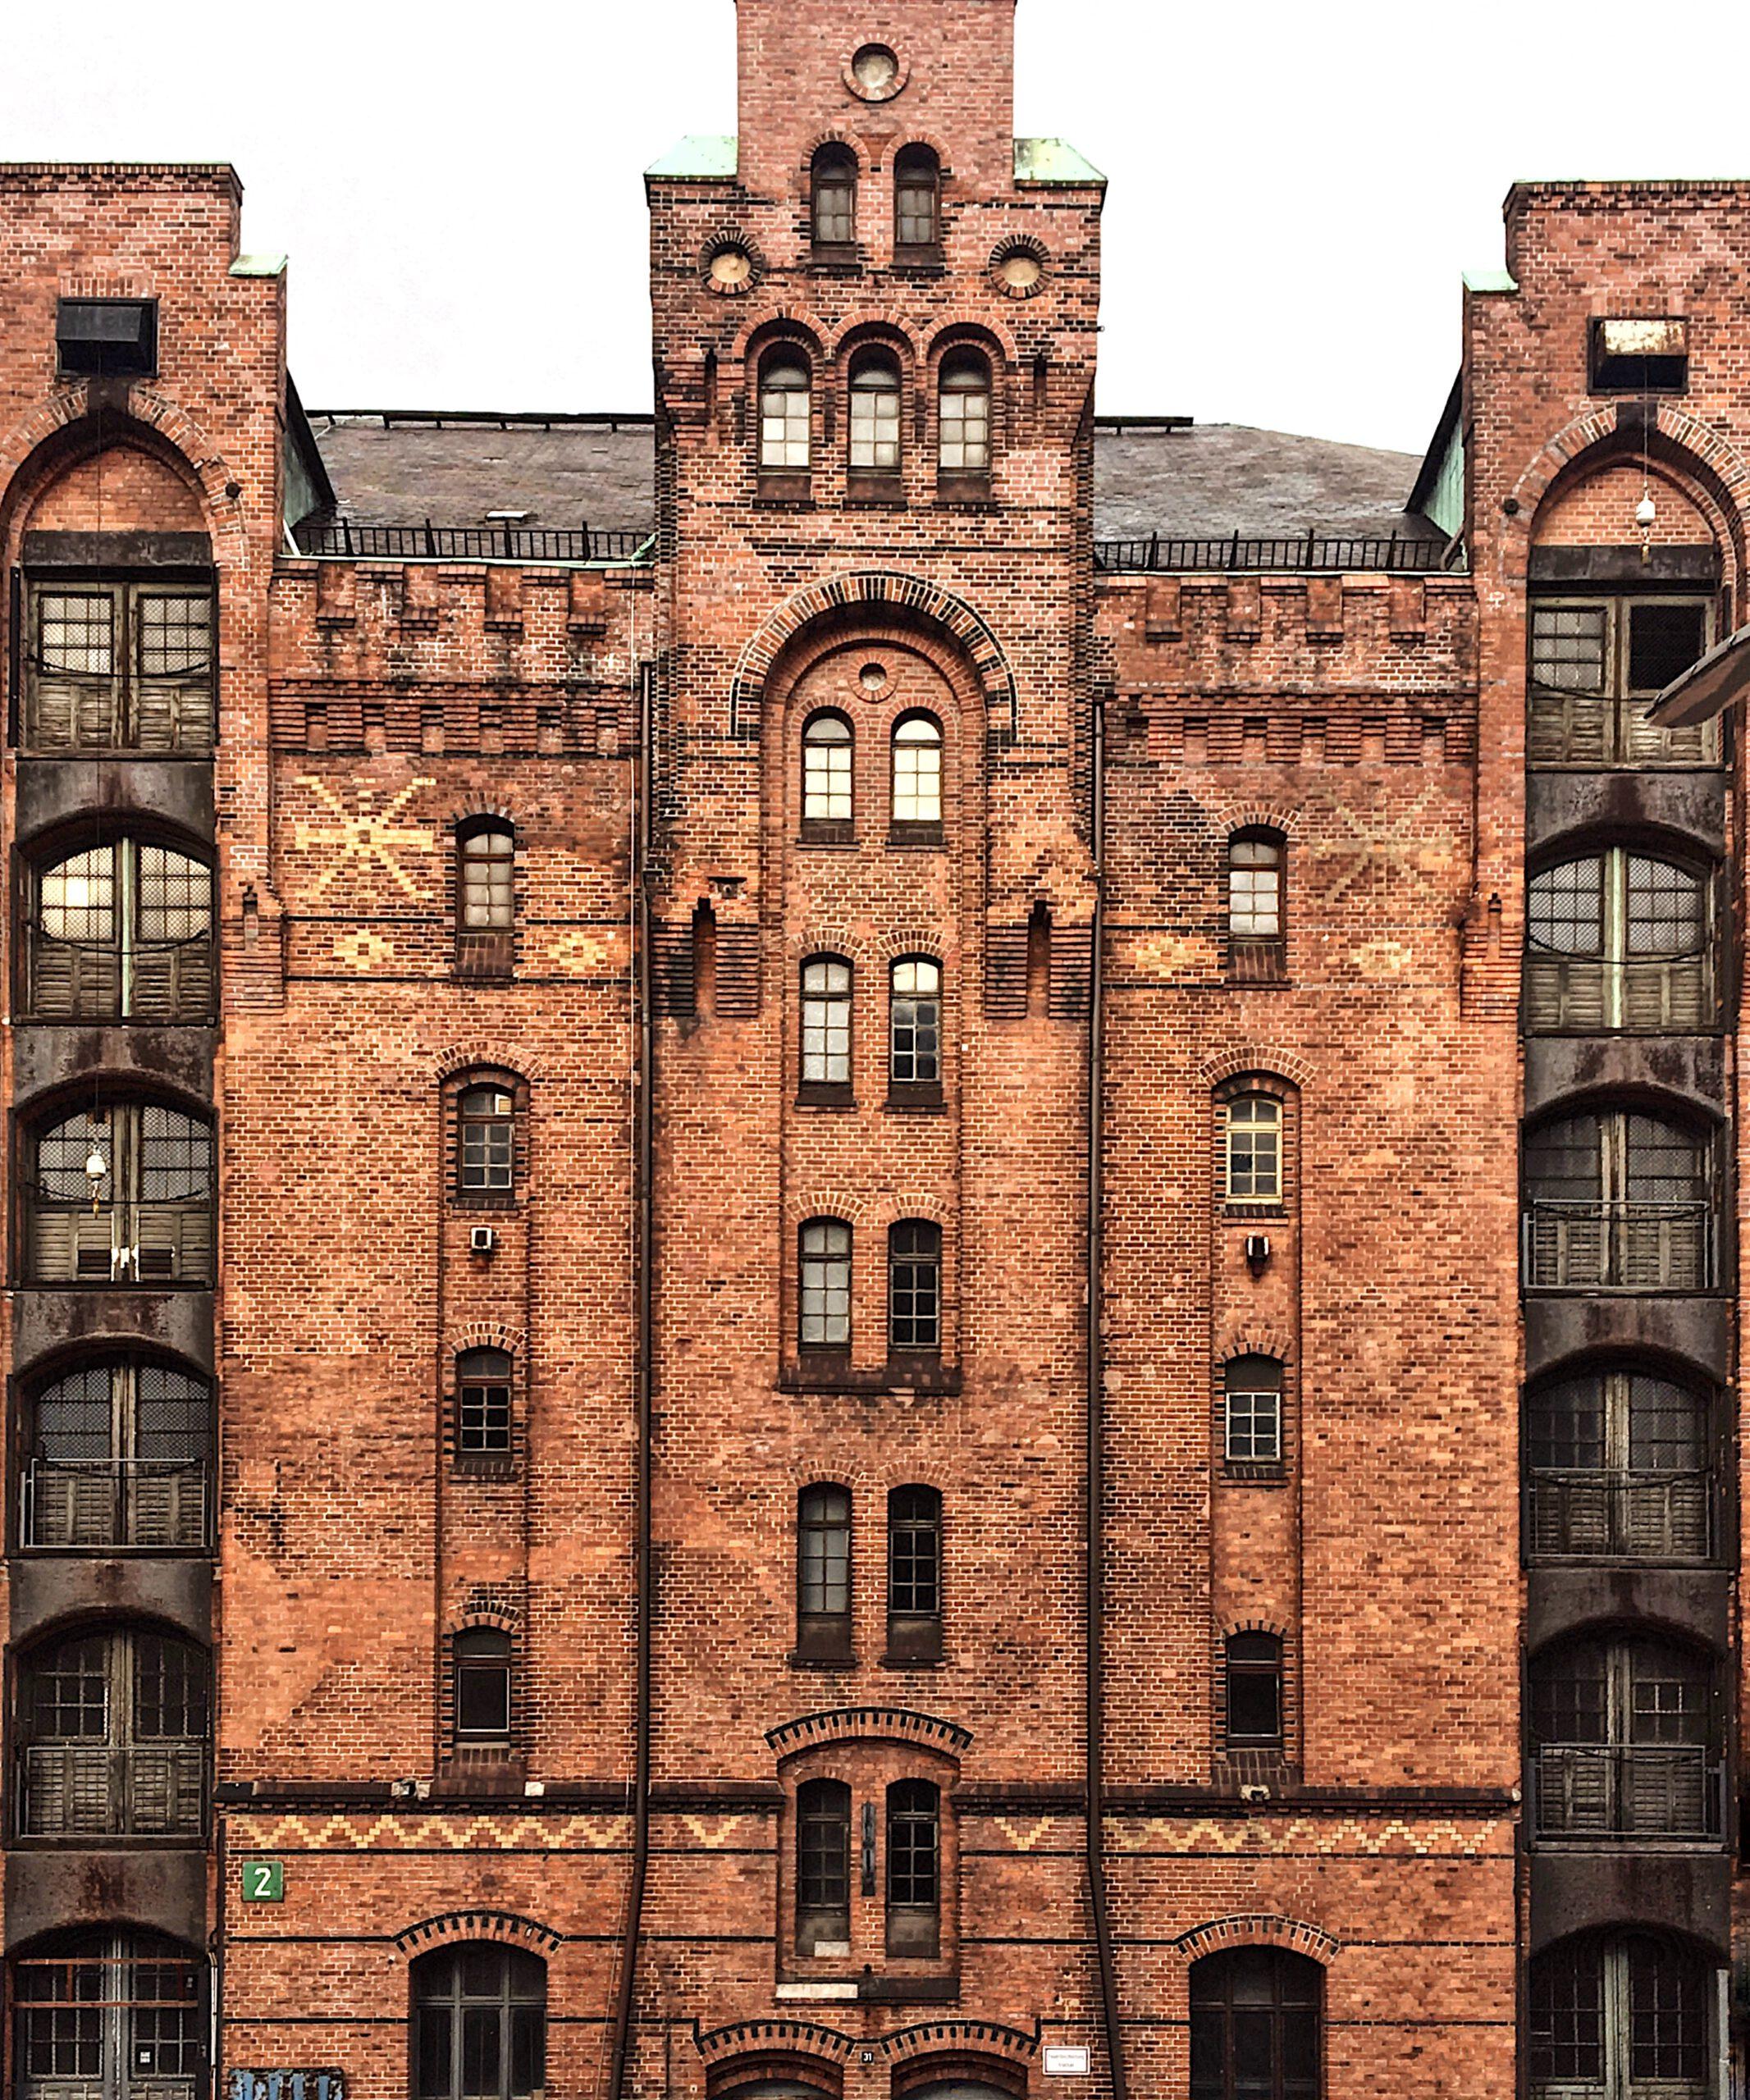 Backsteinfassade Speicherstadt Hamburg